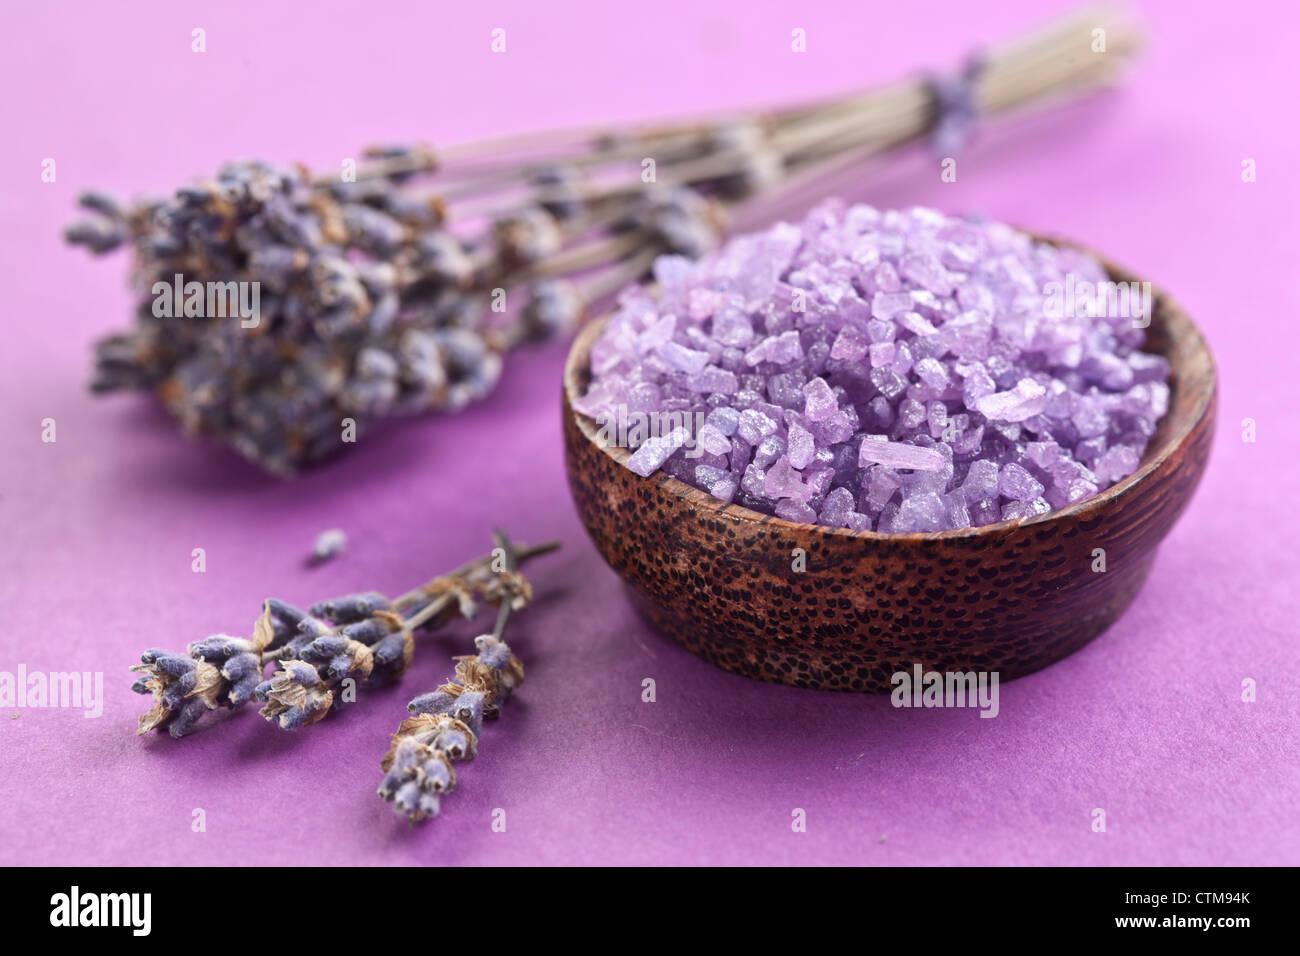 Sal de mar y lavanda seca sobre un fondo violeta. Imagen De Stock